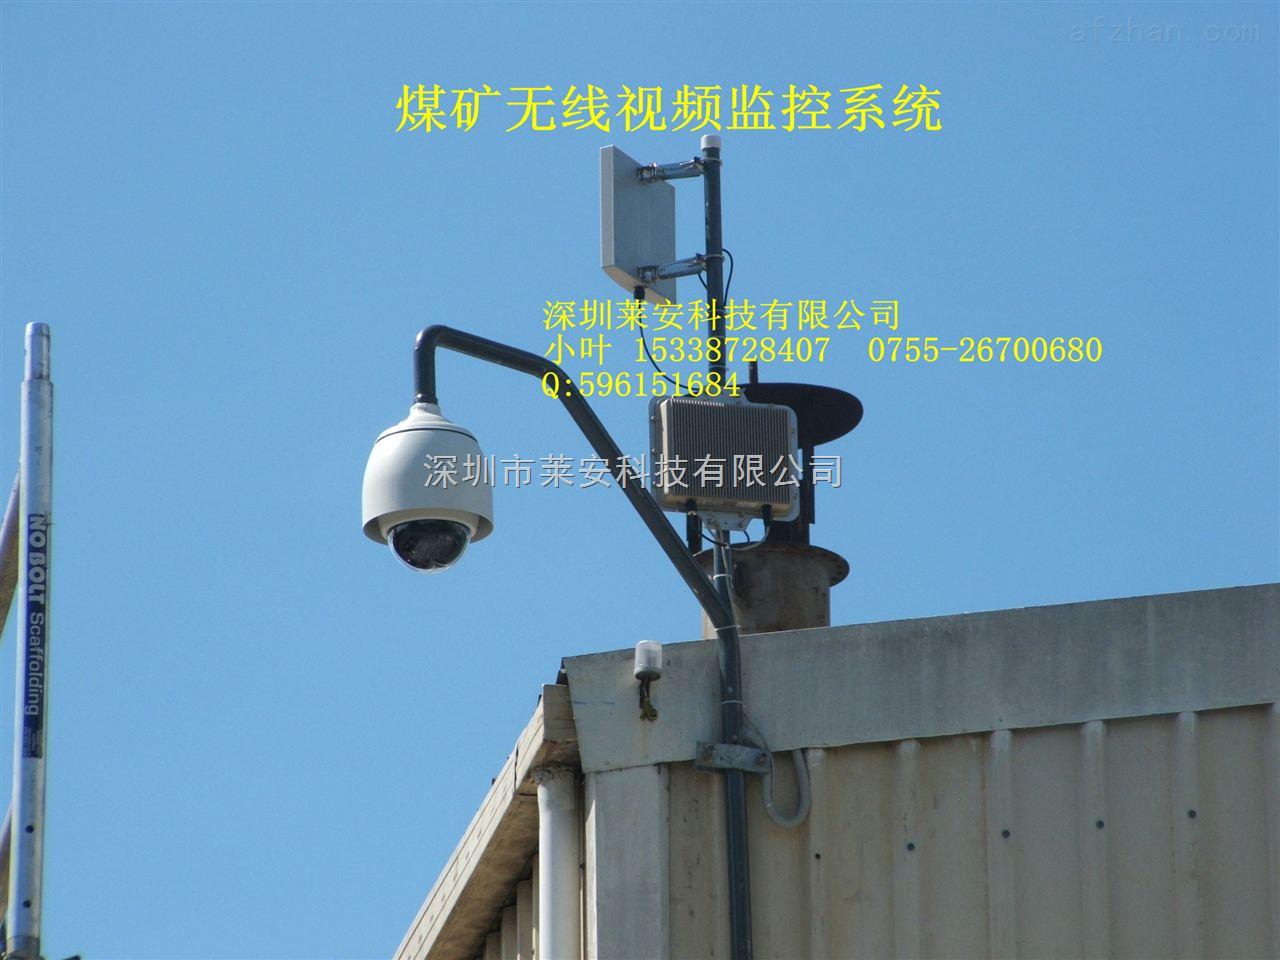 远程无线视频发射器,景区远程无线监控覆盖